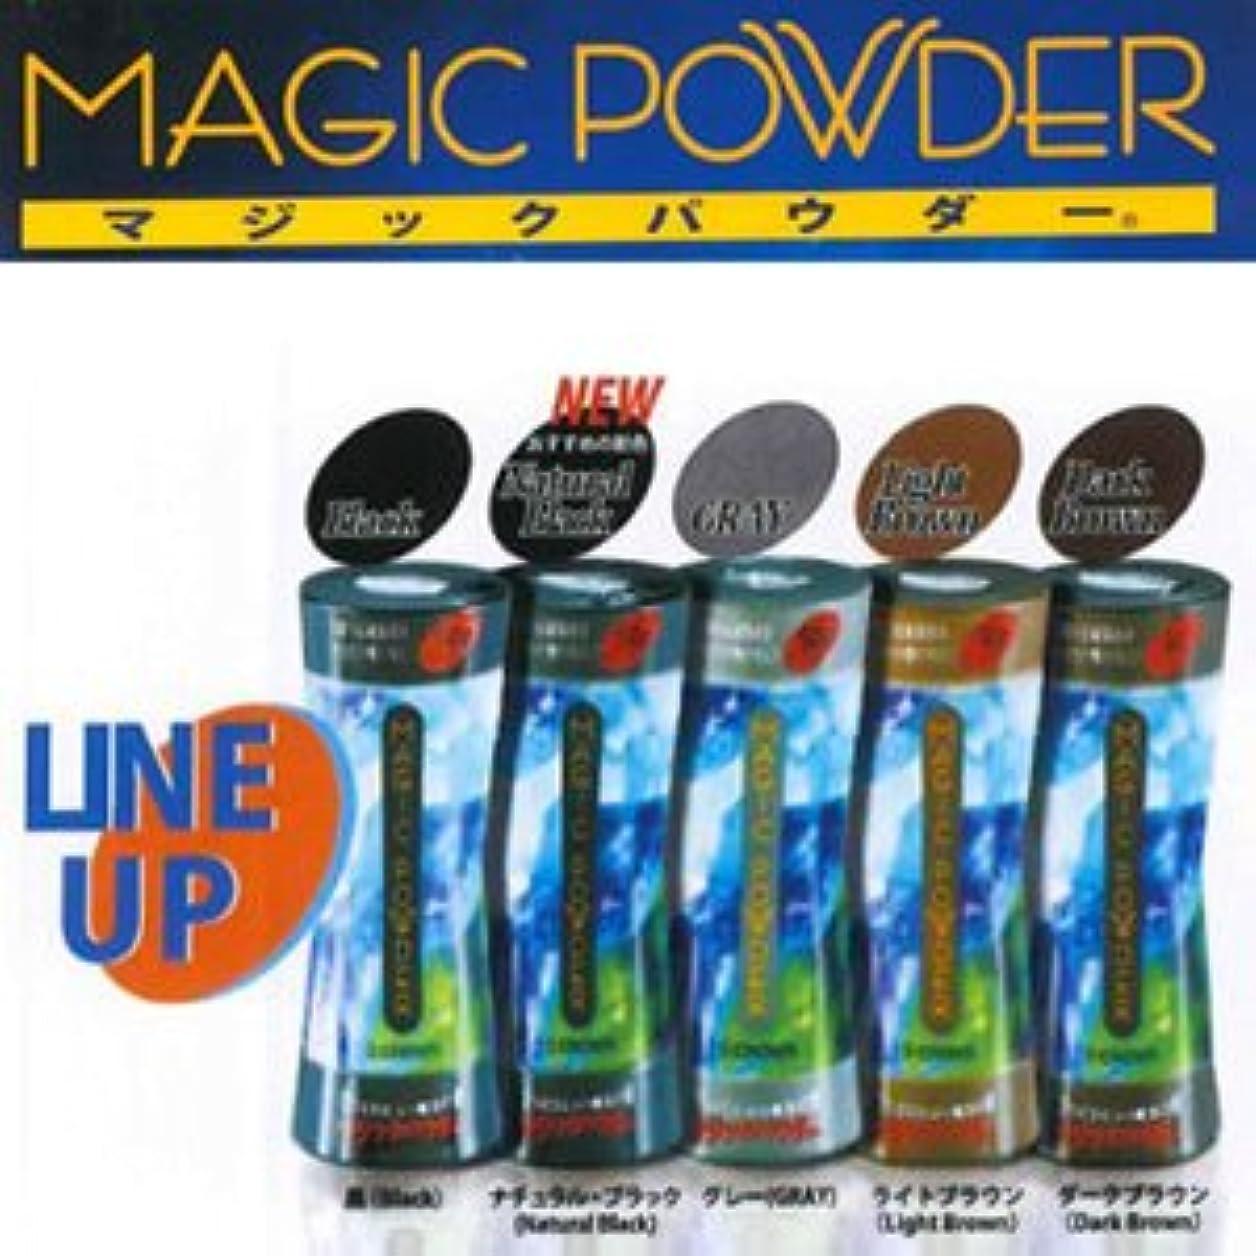 階層熱帯の気体のMAGIC POWDER マジックパウダー ダークブラウン 50g  2個セット ※貴方の髪を簡単ボリュームアップ!